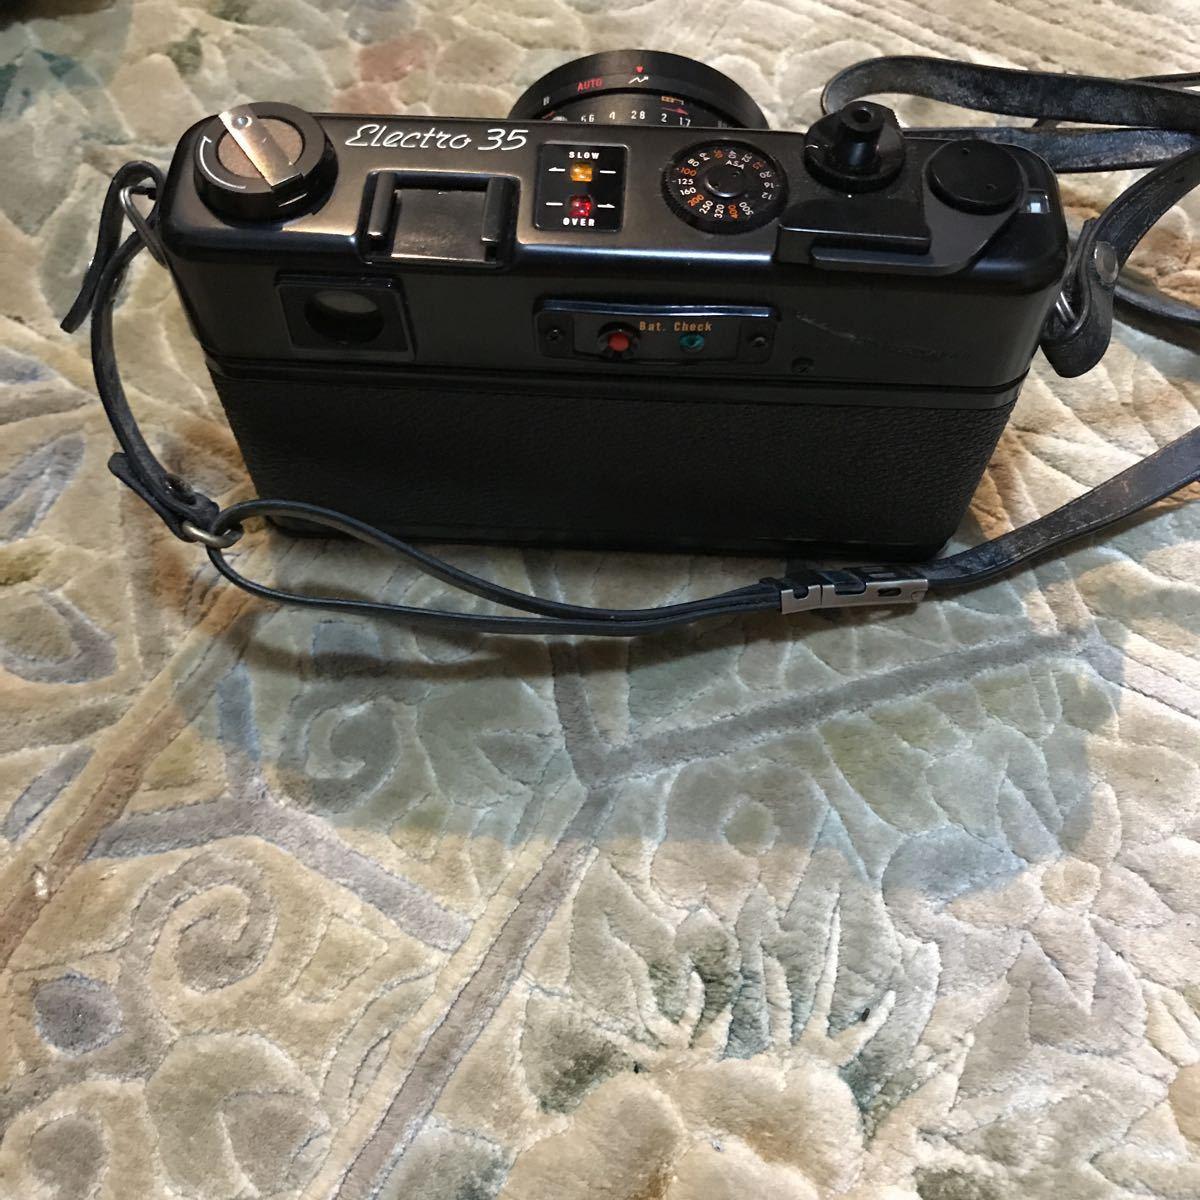 Yashica Electro 35 GT ブラック ヤシカ エレクトロ 35 レンジファインダー 一眼レフ フィルムカメラ_画像6